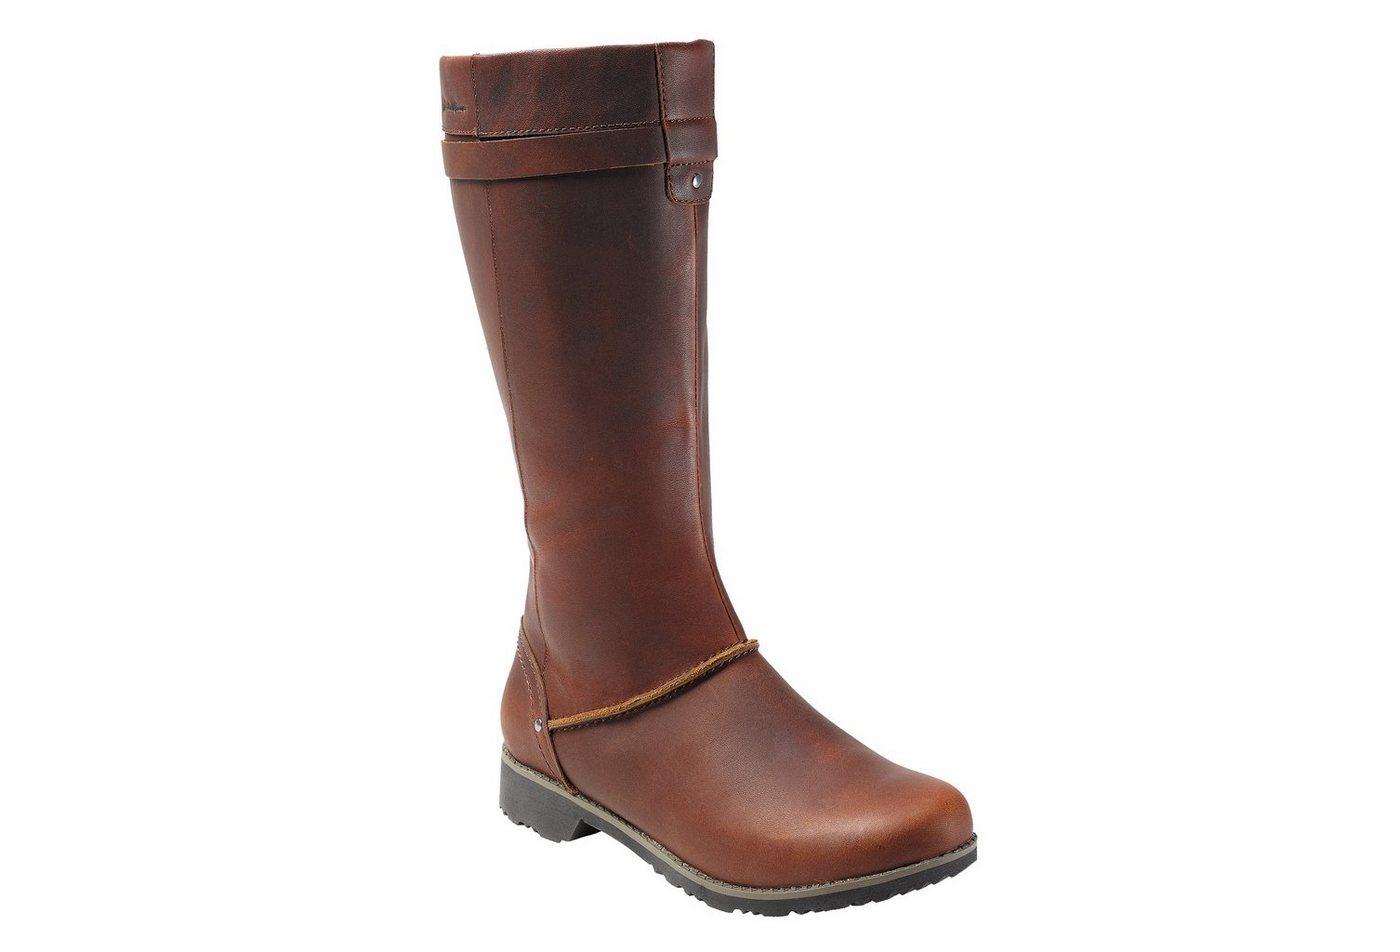 Damen Eddie Bauer Stiefel Trace Stiefel braun | 04057682053271